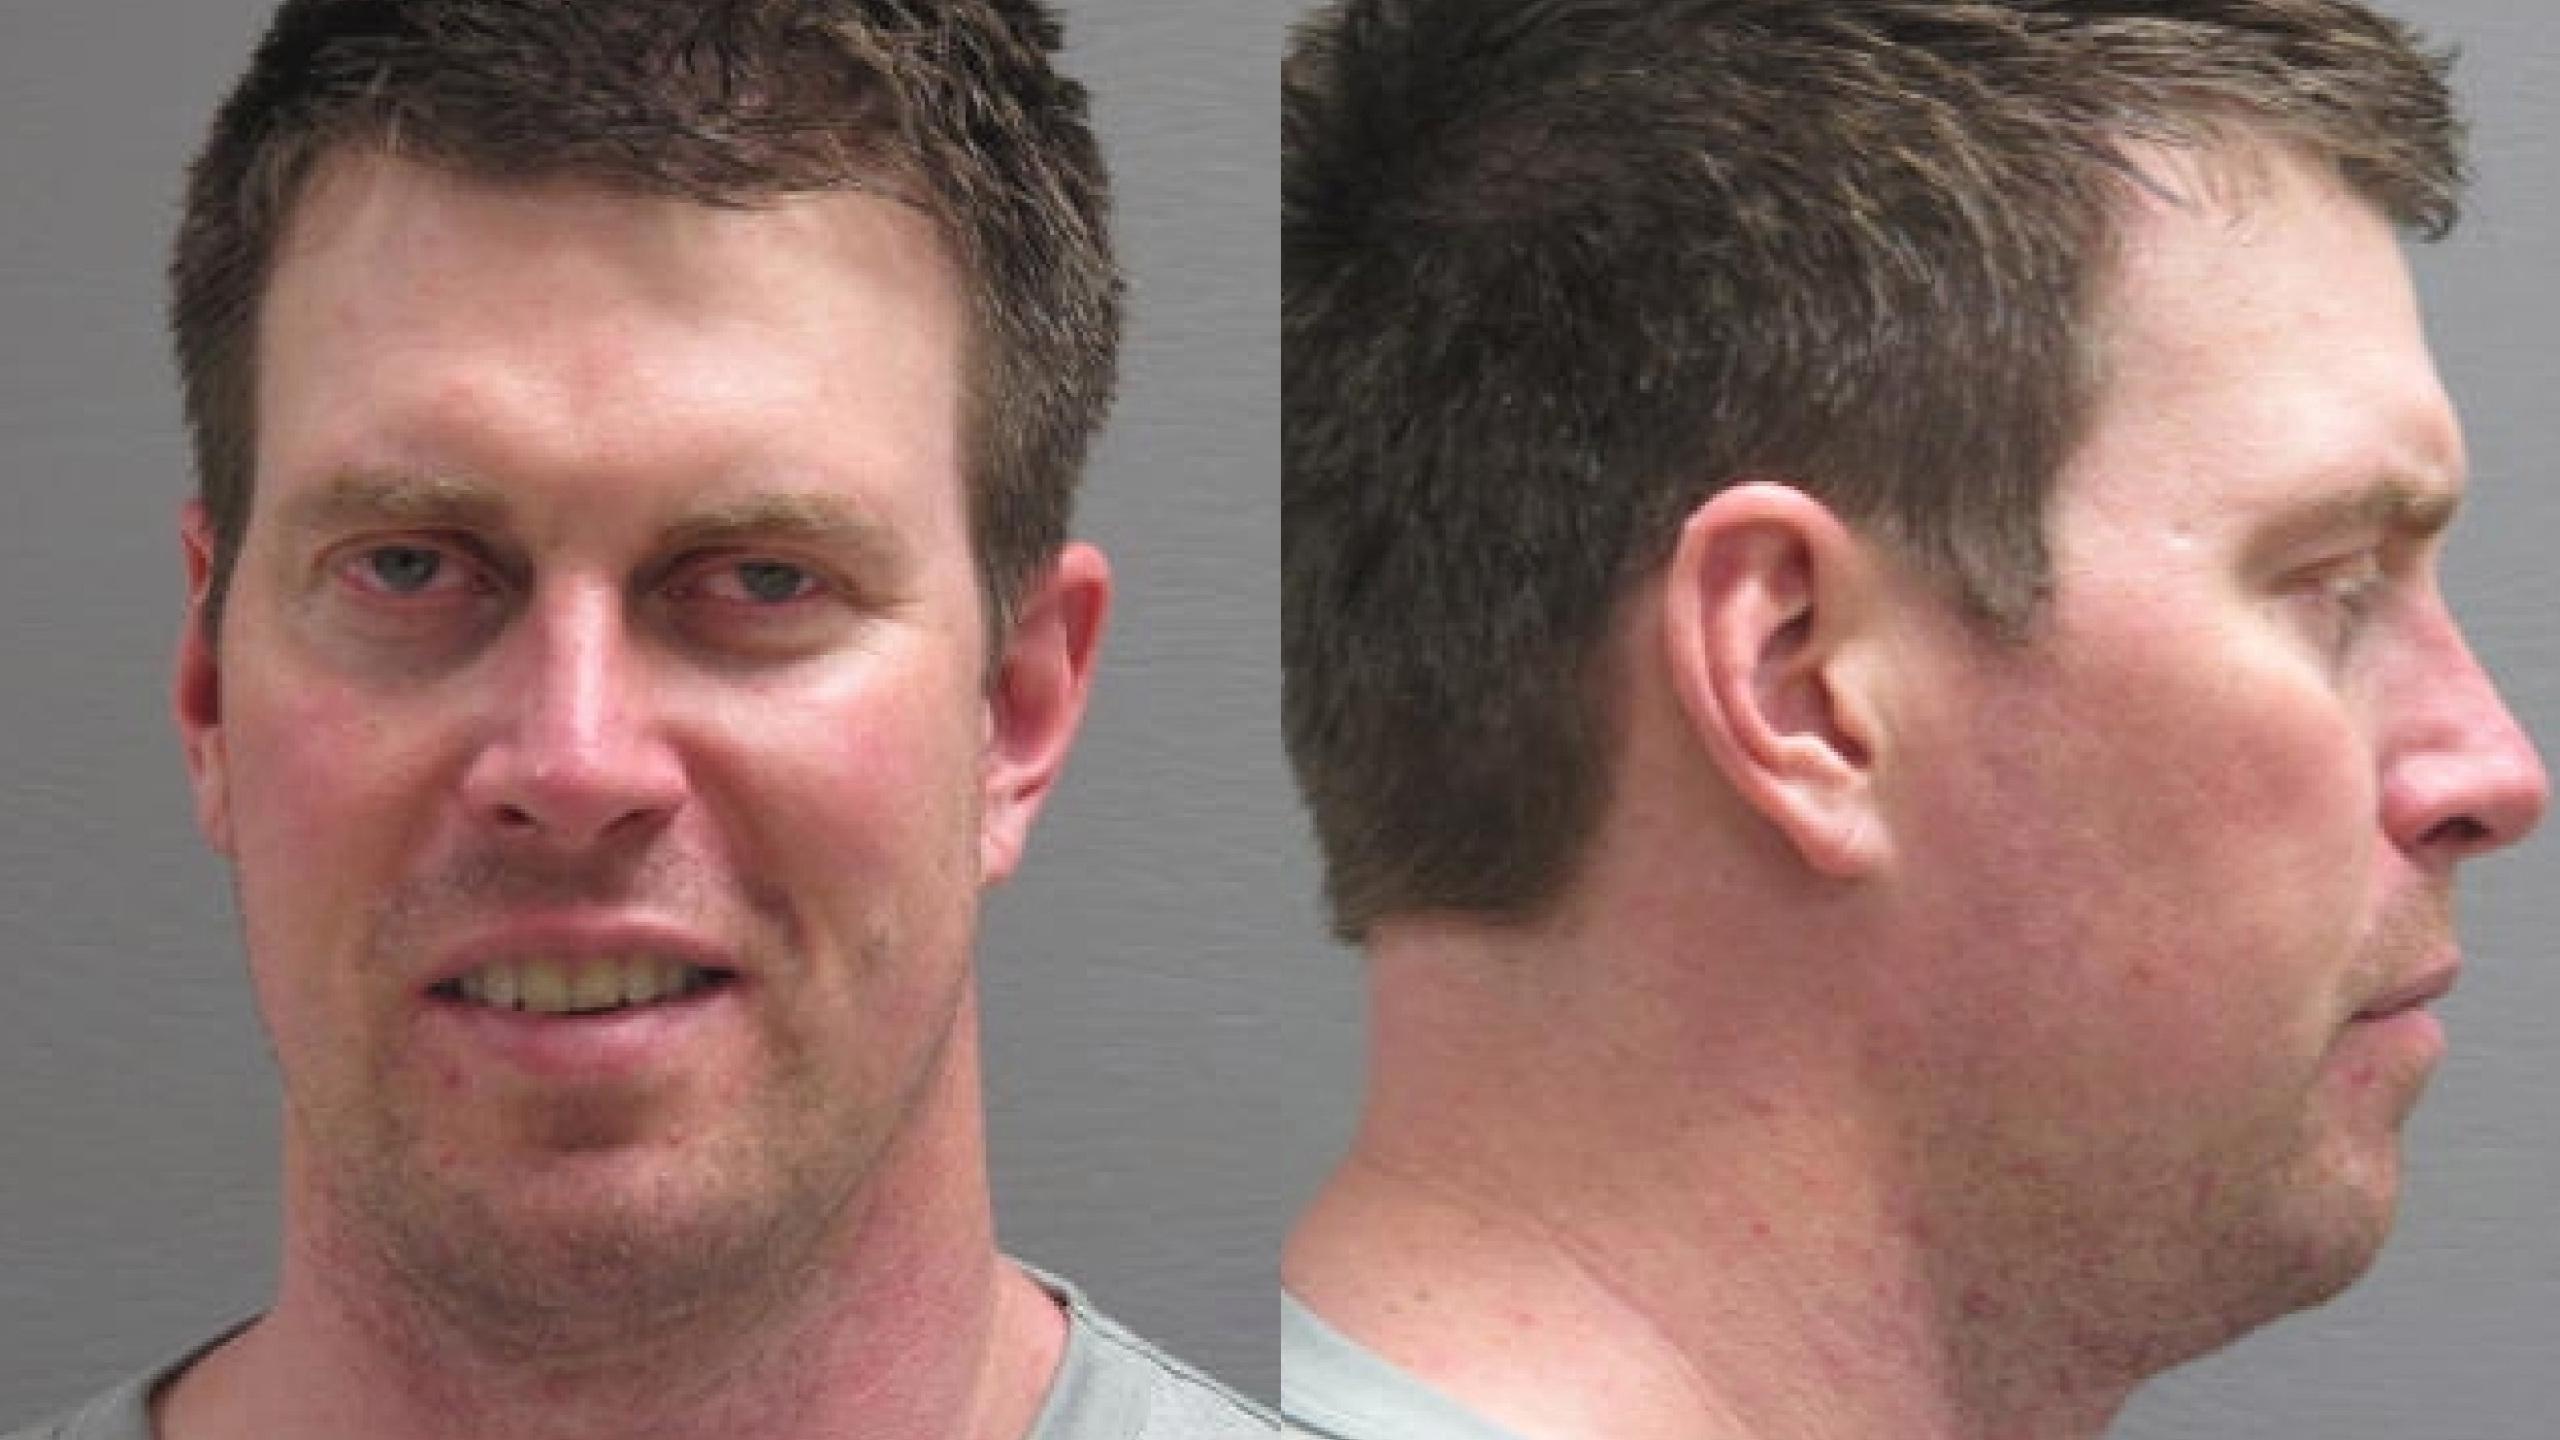 Former NFL quarterback Ryan Leaf arrested for domestic battery